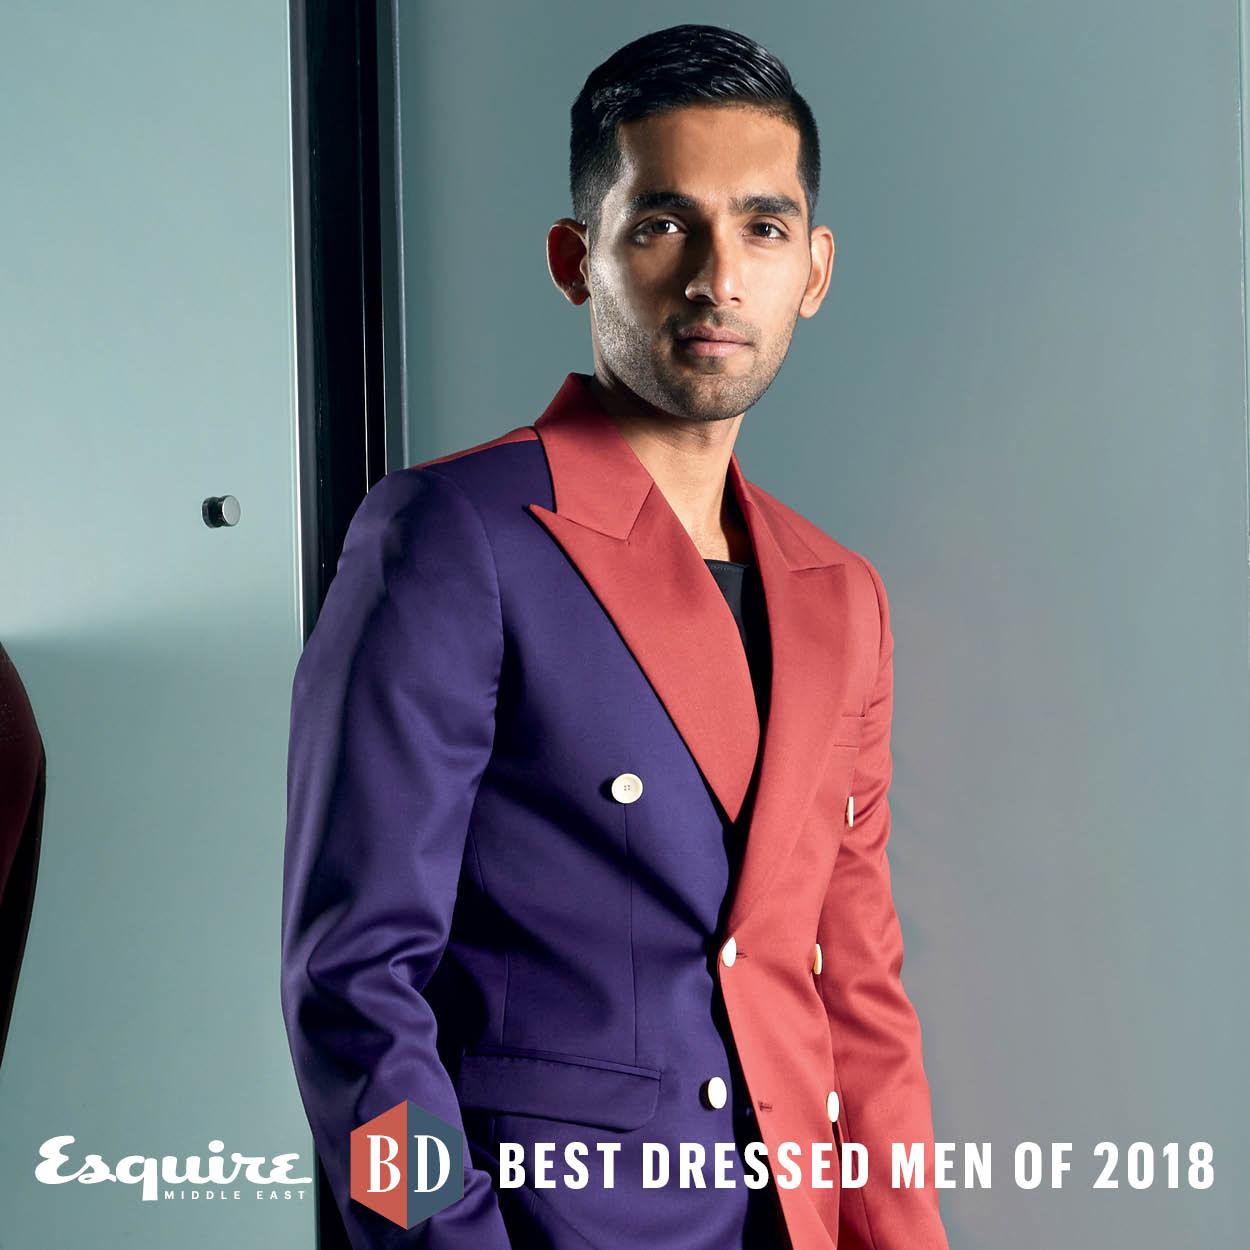 esquire best dressed 2018